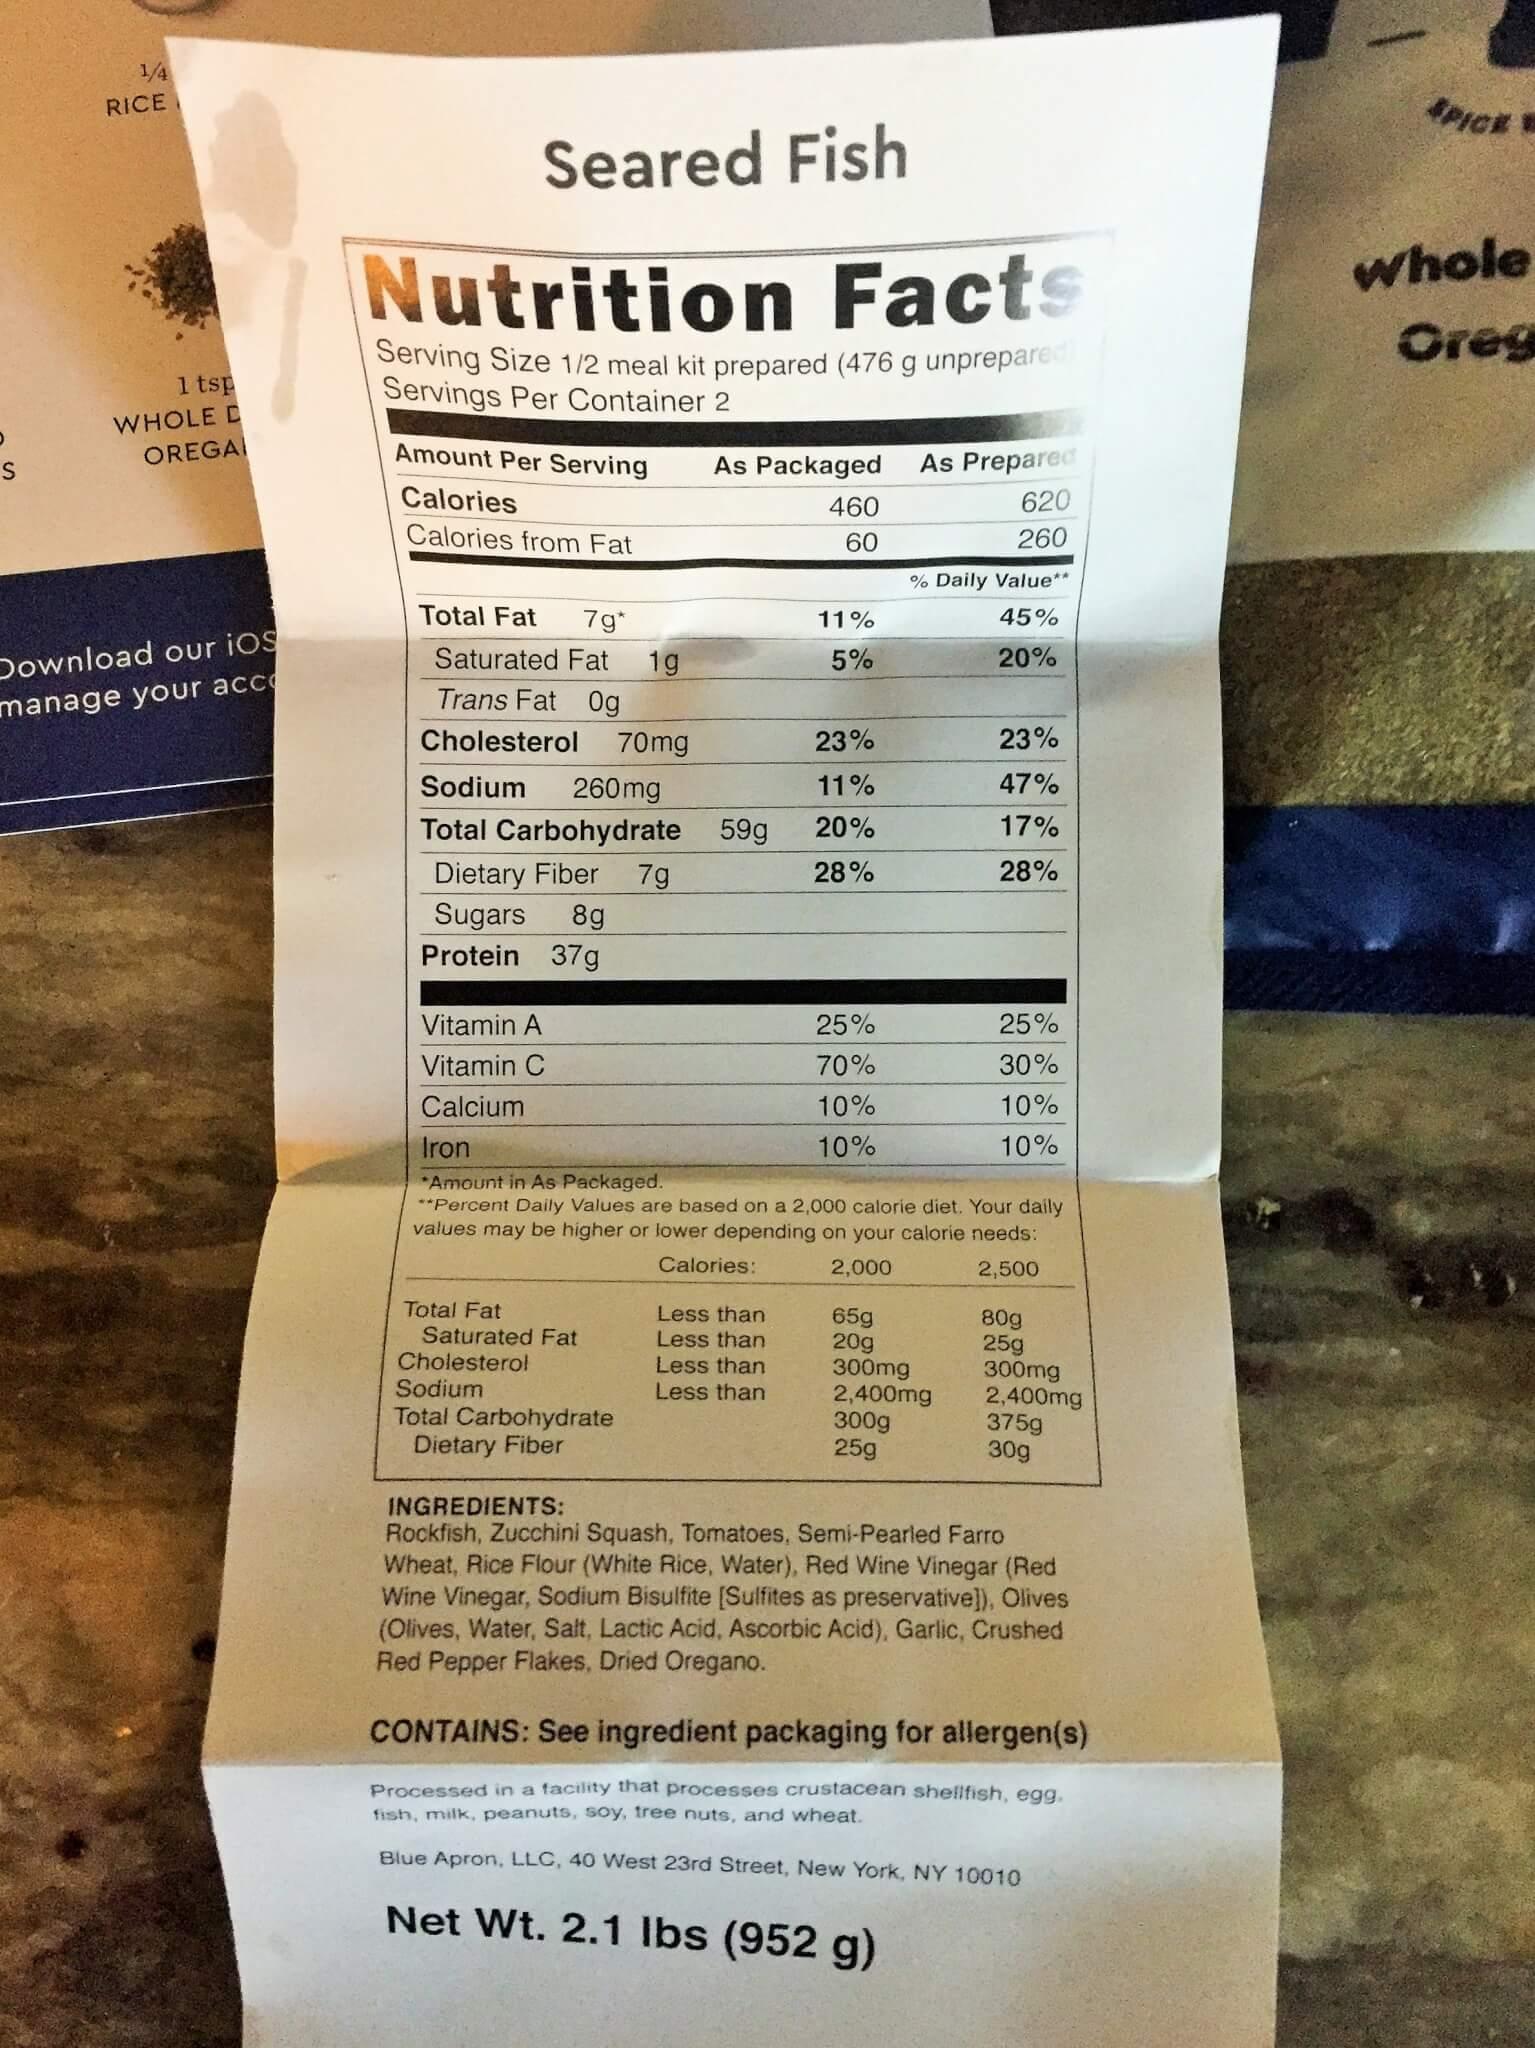 Blue Apron Nutrition Facts